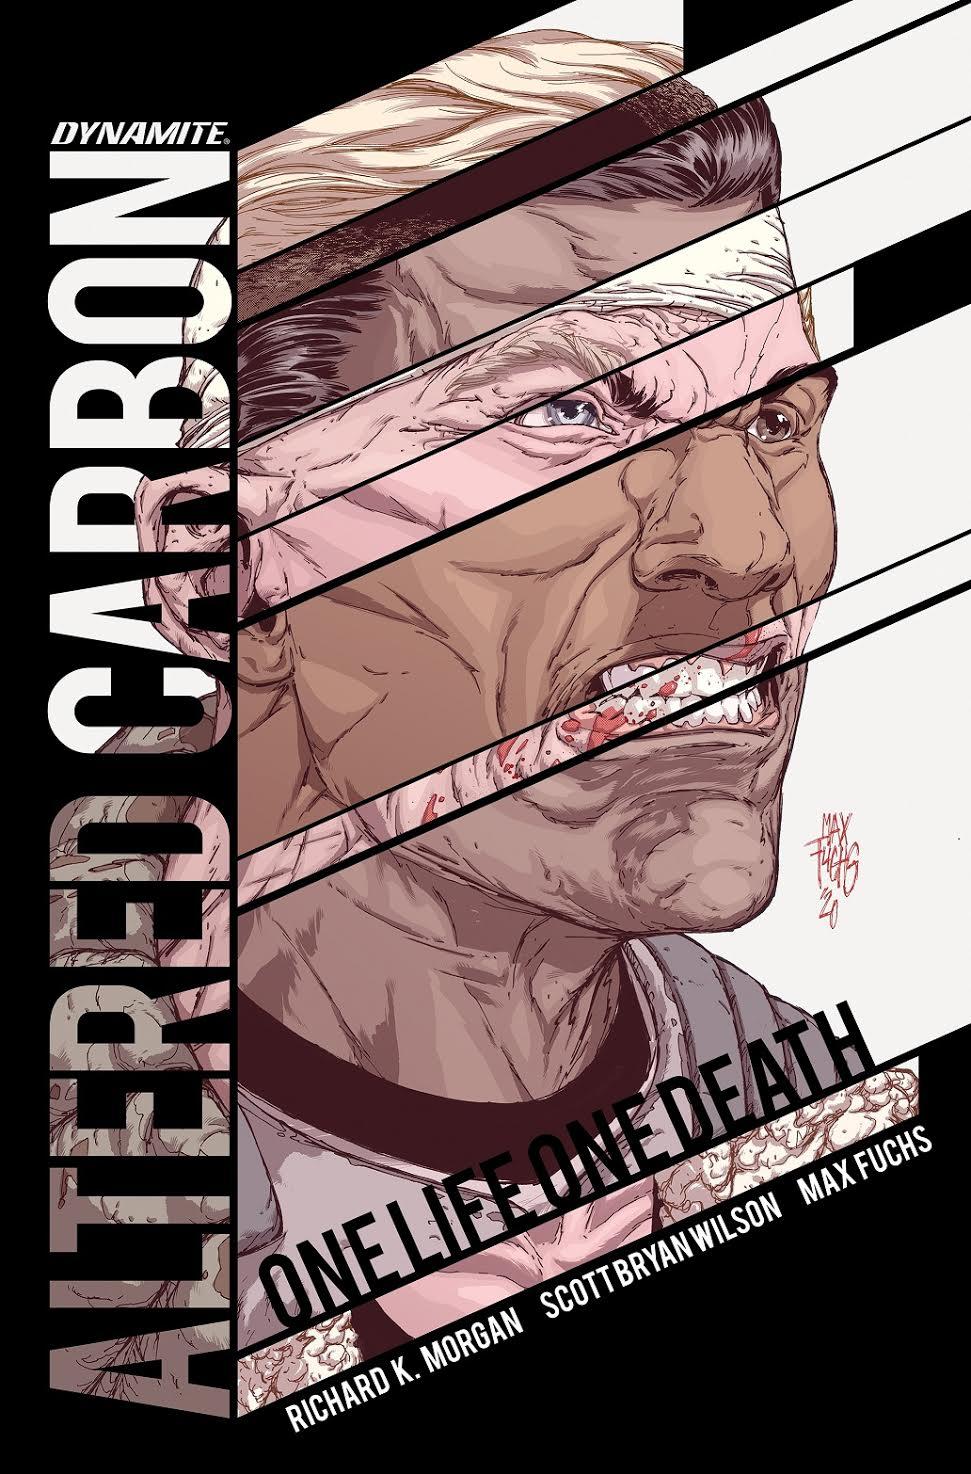 L'écrivain Richard K.Morgan revient dans le monde de Takeshi Kovacs dans le nouveau roman graphique